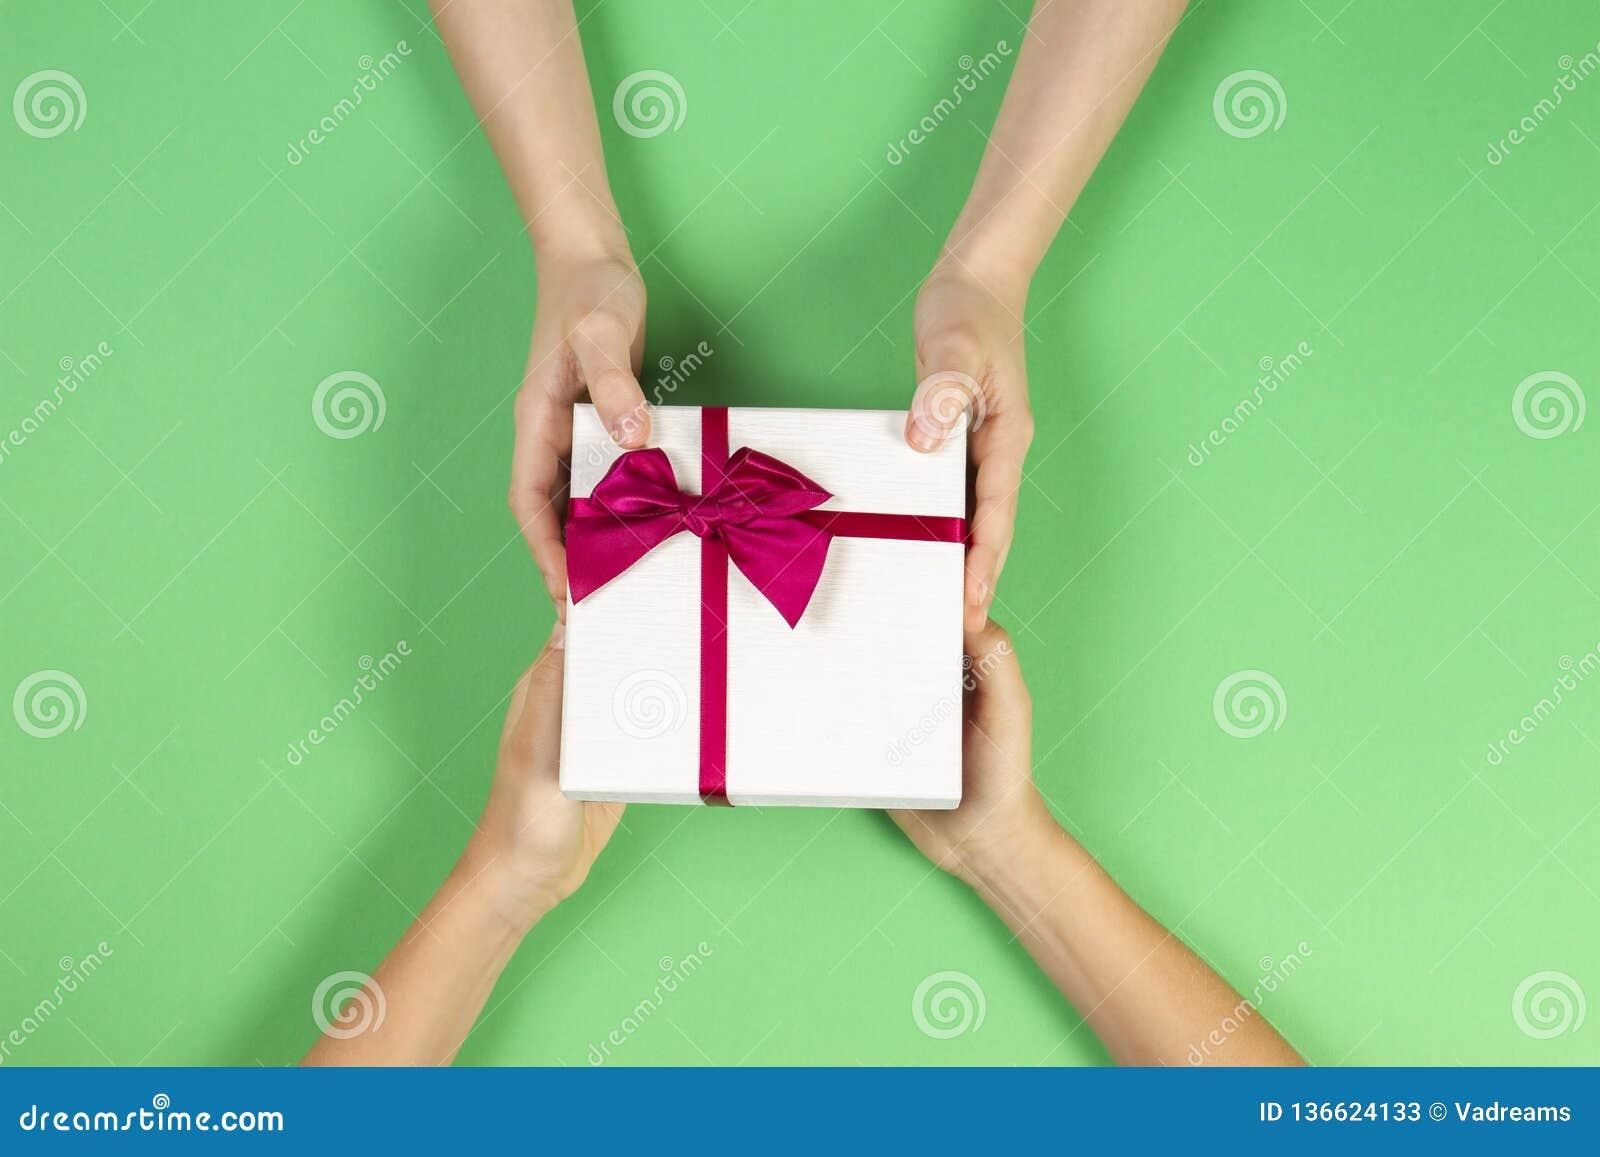 Υπόβαθρο συγχαρητηρίων Τοπ άποψη δύο χεριών προσώπων που δίνουν και που λαμβάνουν ένα παρόν κιβώτιο δώρων με την κορδέλλα σε πράσ